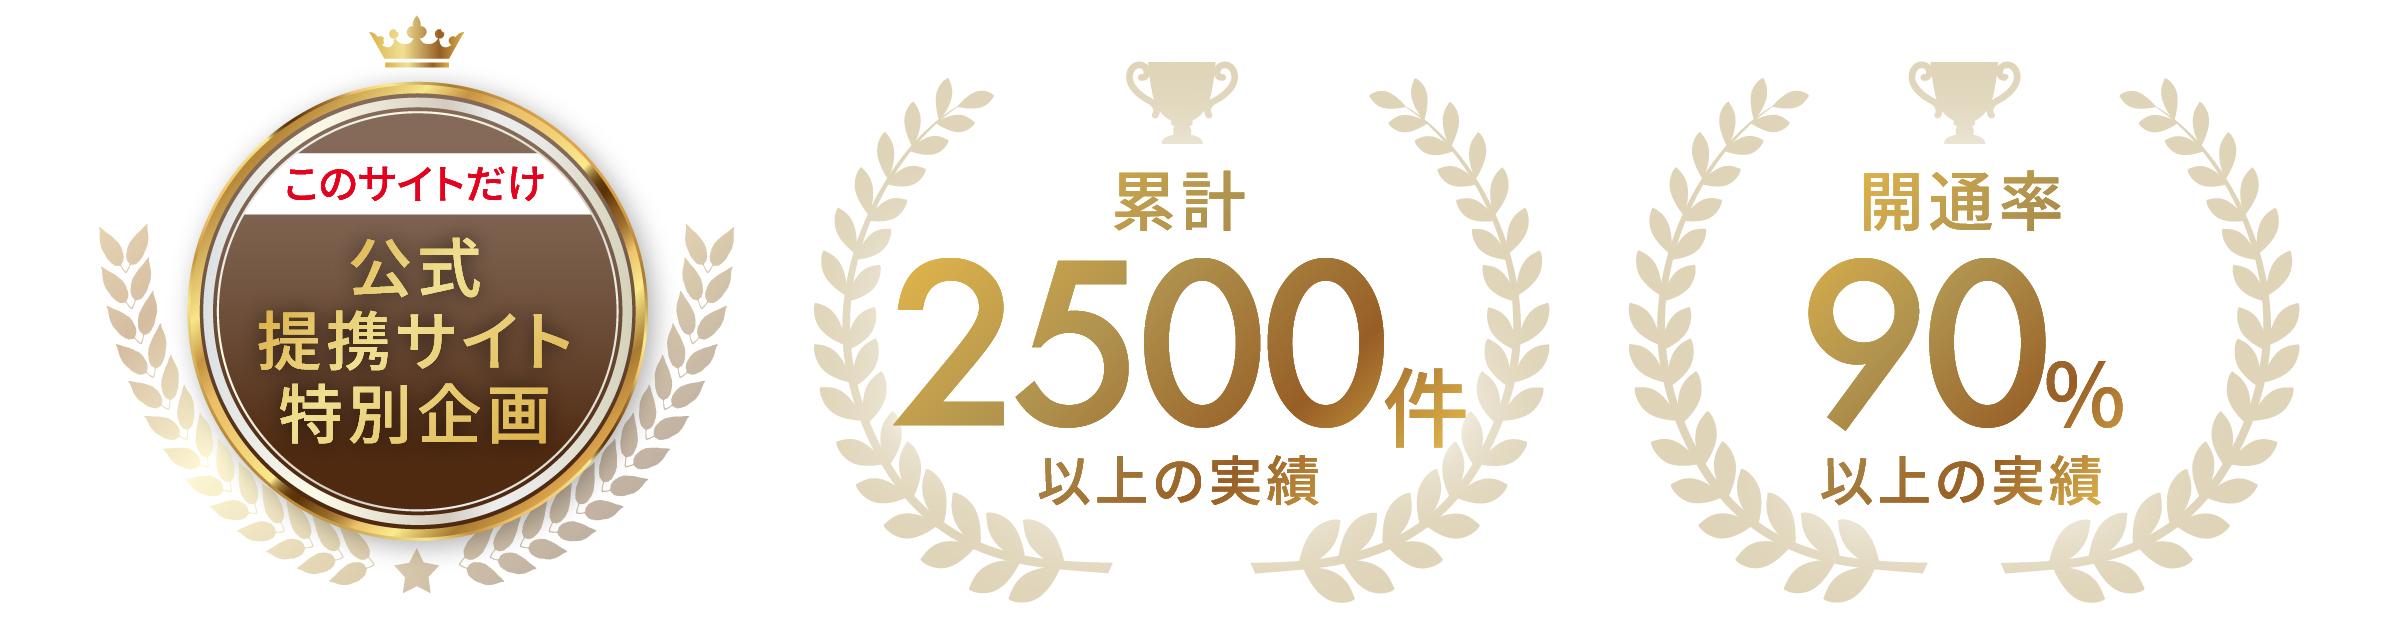 2万円キャッシュバックキャンペーン 実績 broadwimax-campaine_2021_01